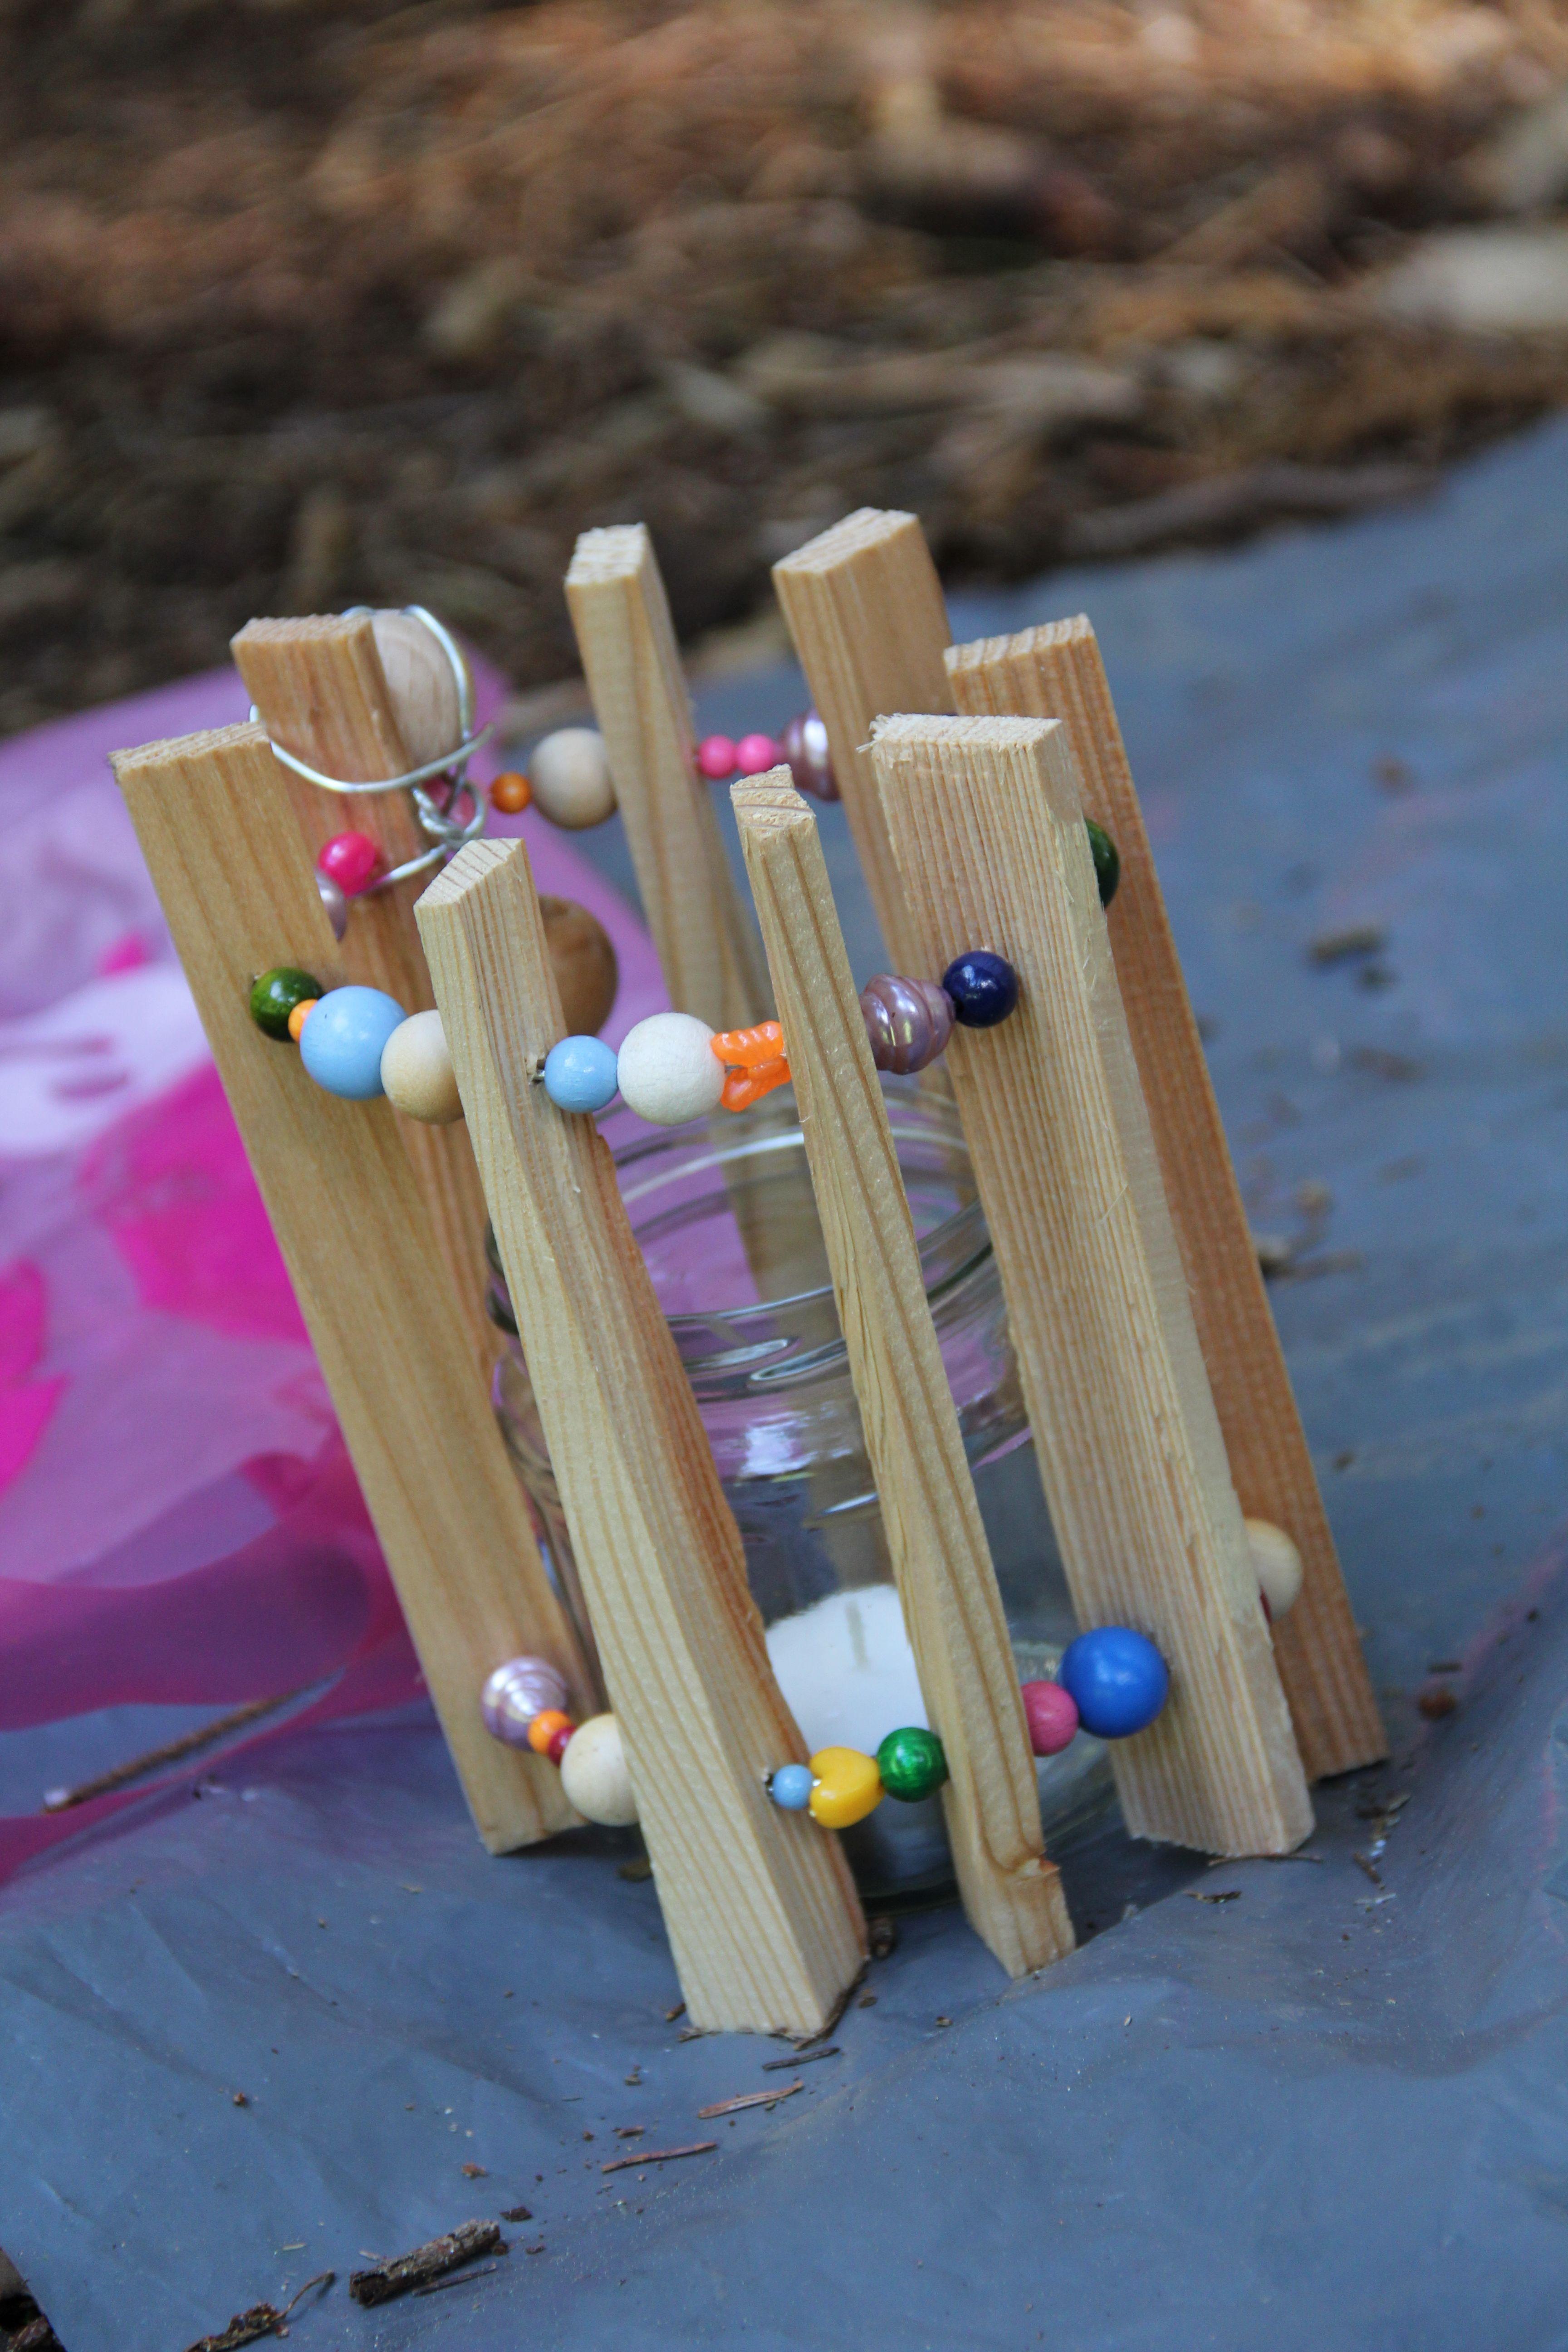 Hochwertig Teelicht Aus Holz Und Perlen Für Den #Garten #diy